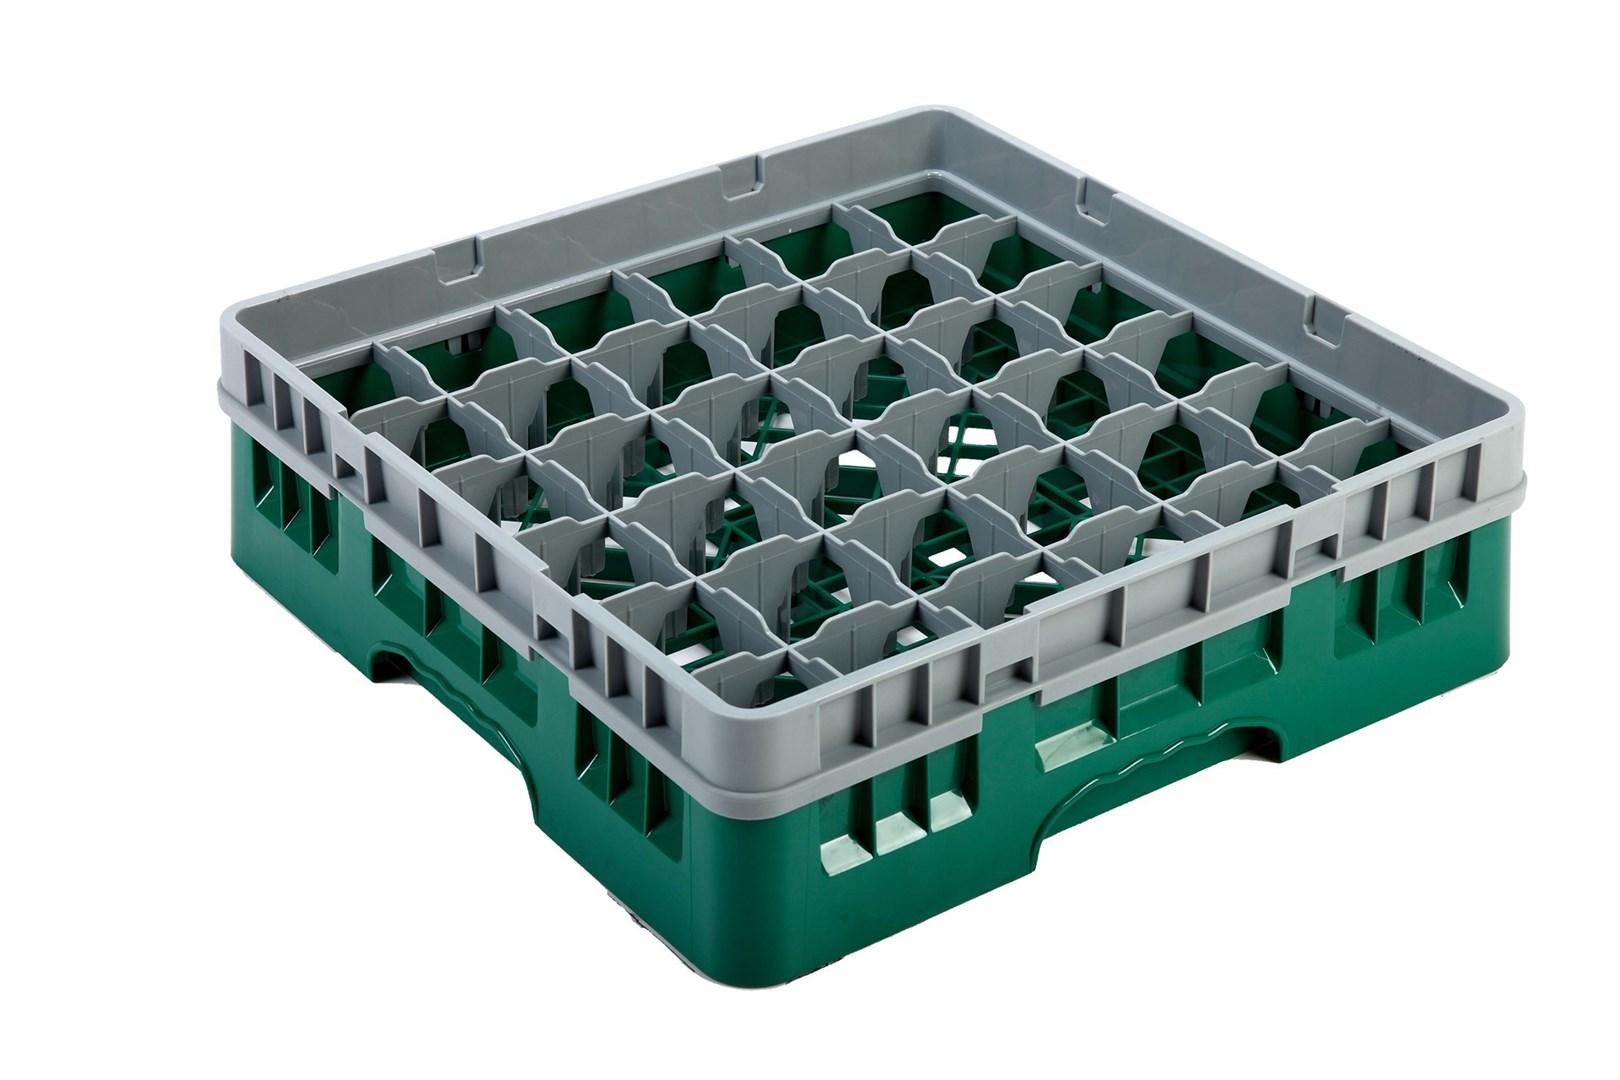 Productafbeelding Vaatwaskorf groen 36 compartimenten max Ø7.2 cm